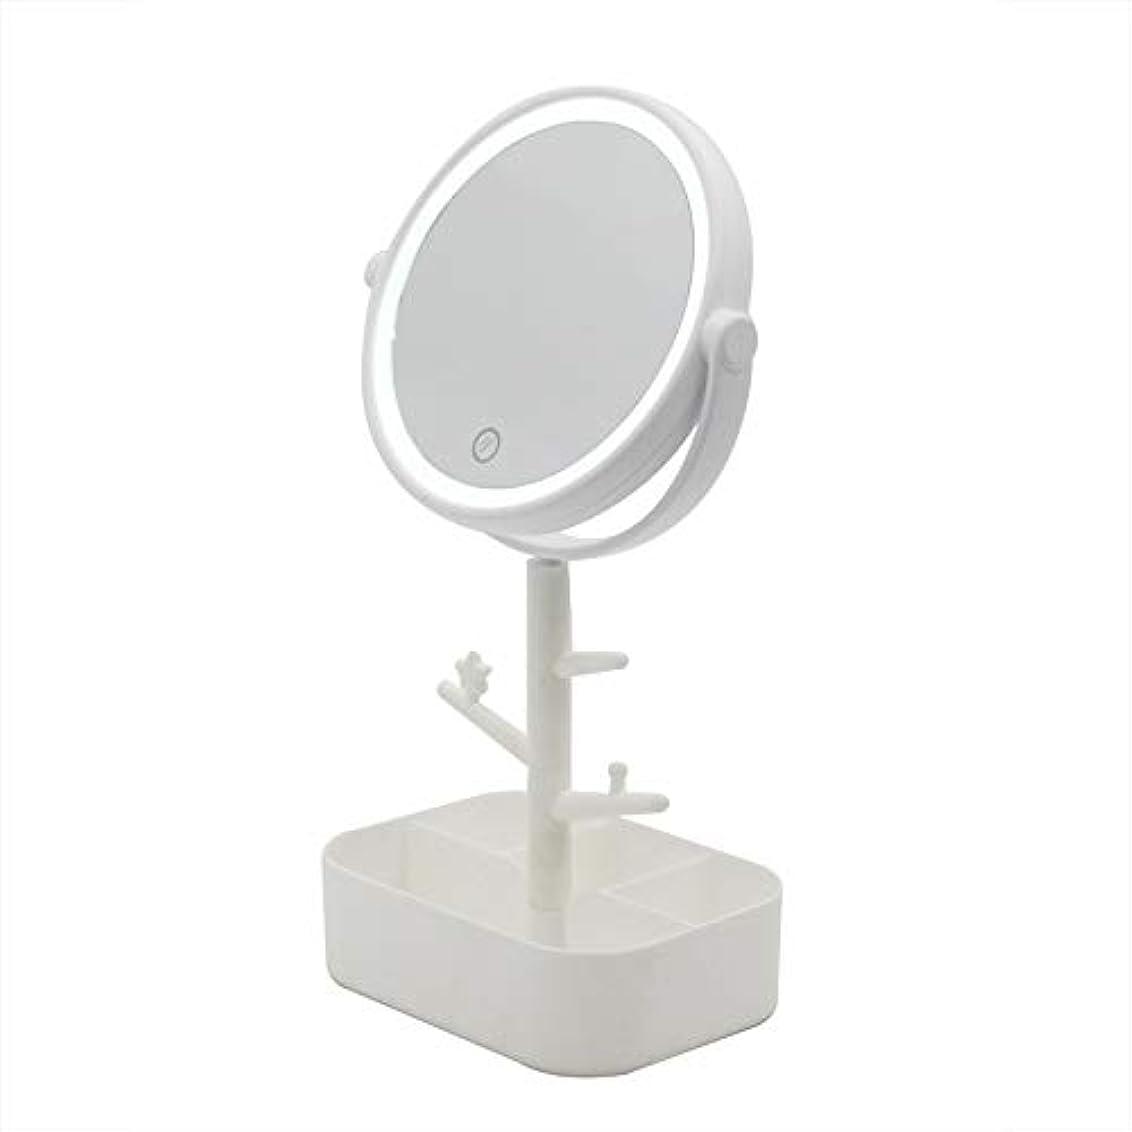 カメラ姓一生Lecone LED化粧鏡 女優ミラー 卓上ミラー 360度調整可能 スタンドミラー LEDライト メイク 化粧道具 円型 収納ケース 可収納 USB給電 (ホワイト)